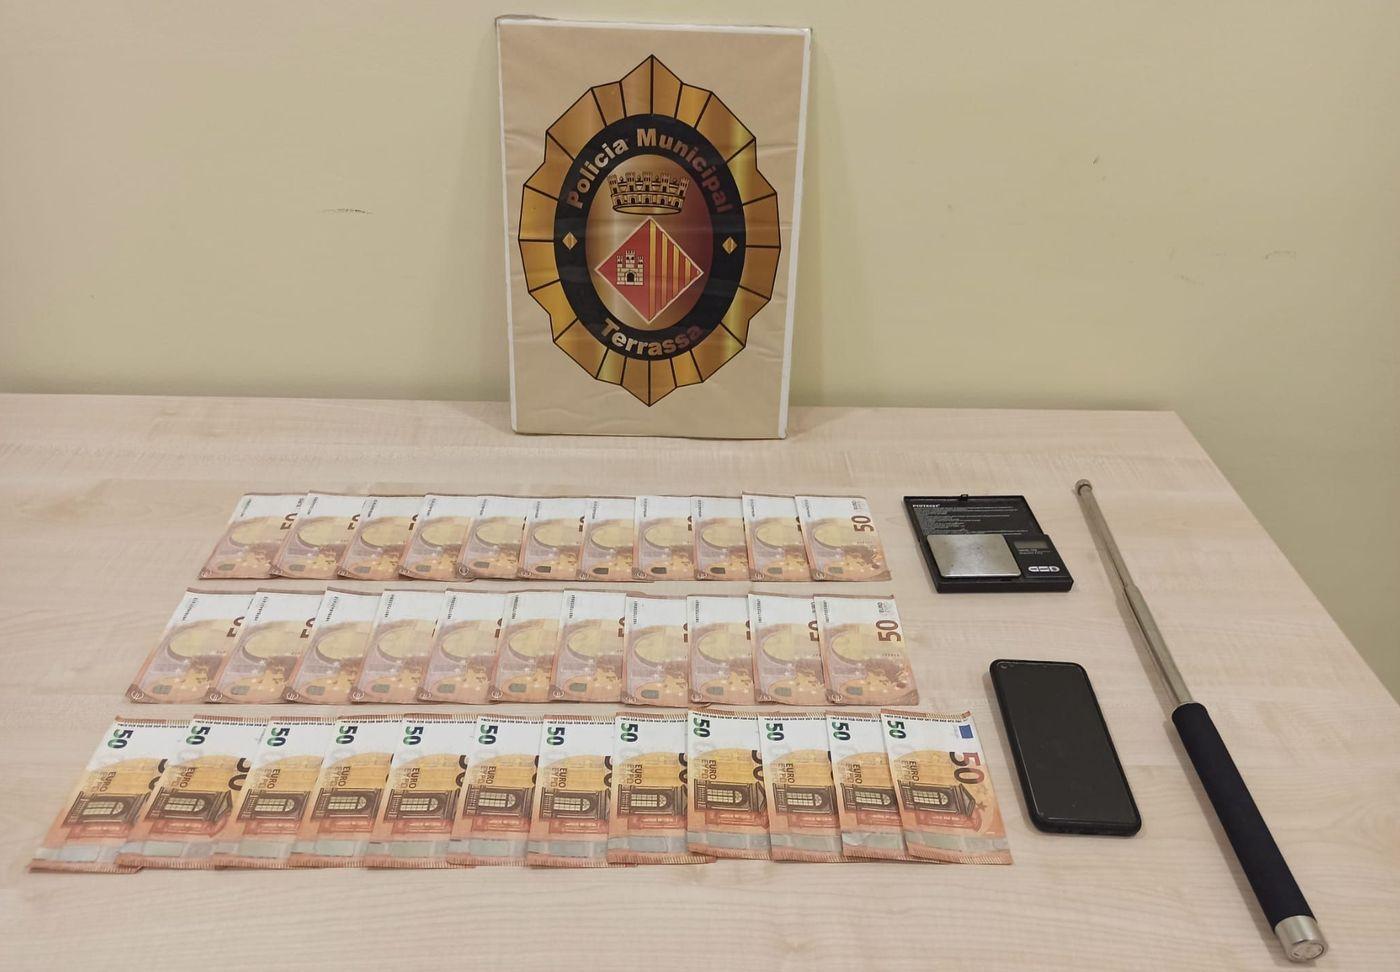 Els bitllets requisats per la Policia Municipal de Terrassa al conductor | Policia Municipal de Terrassa